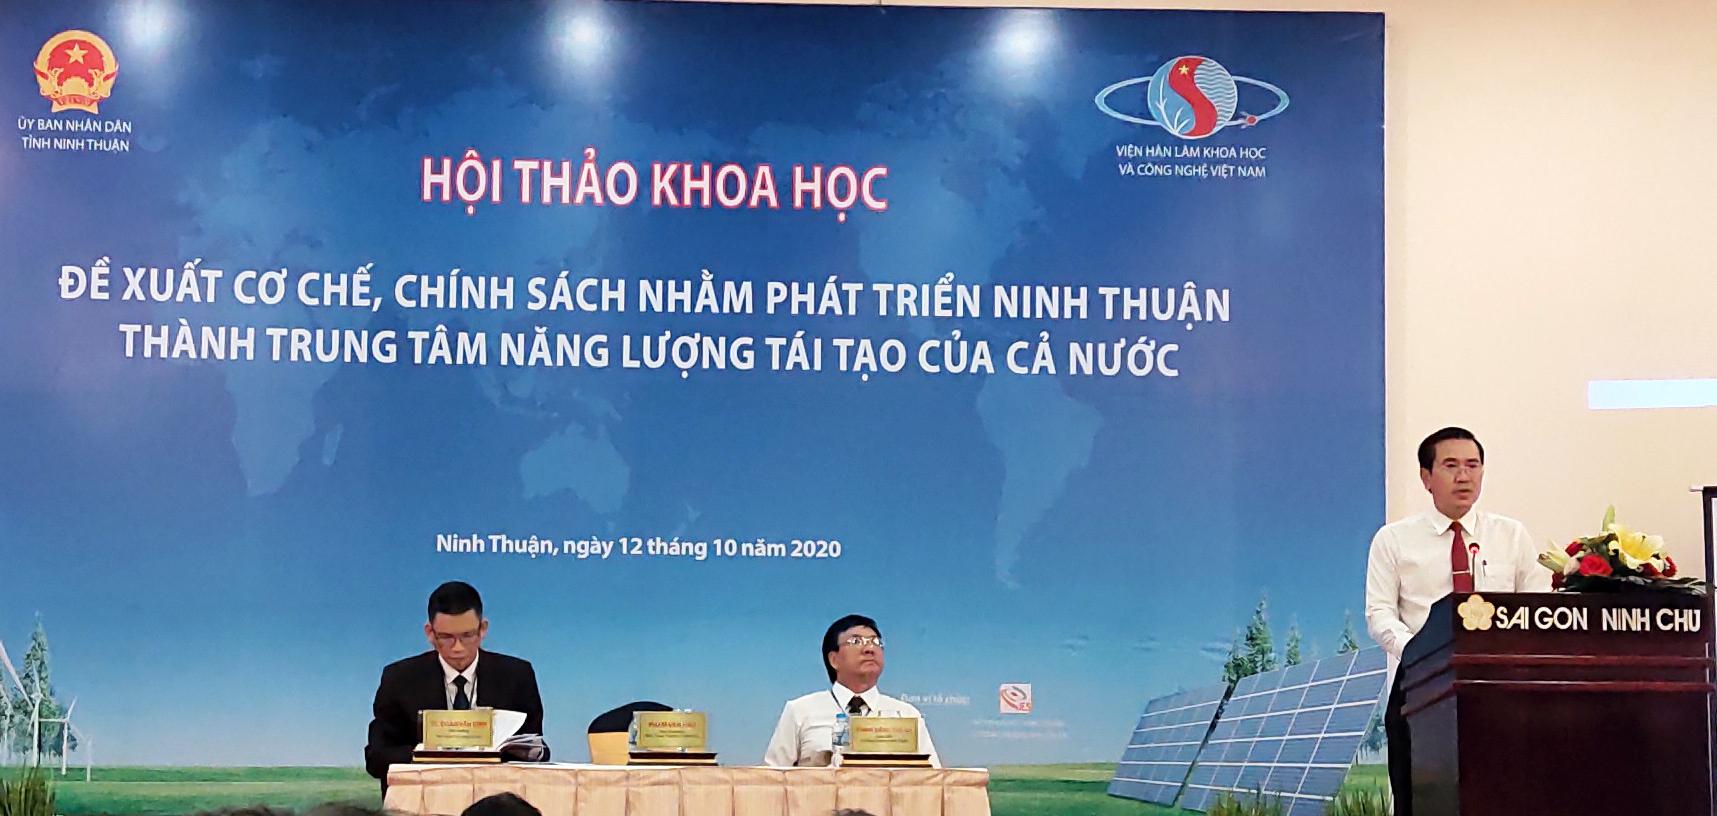 Ninh Thuận sẽ trở thành trung tâm năng lượng tái tạo của nước - Ảnh 2.